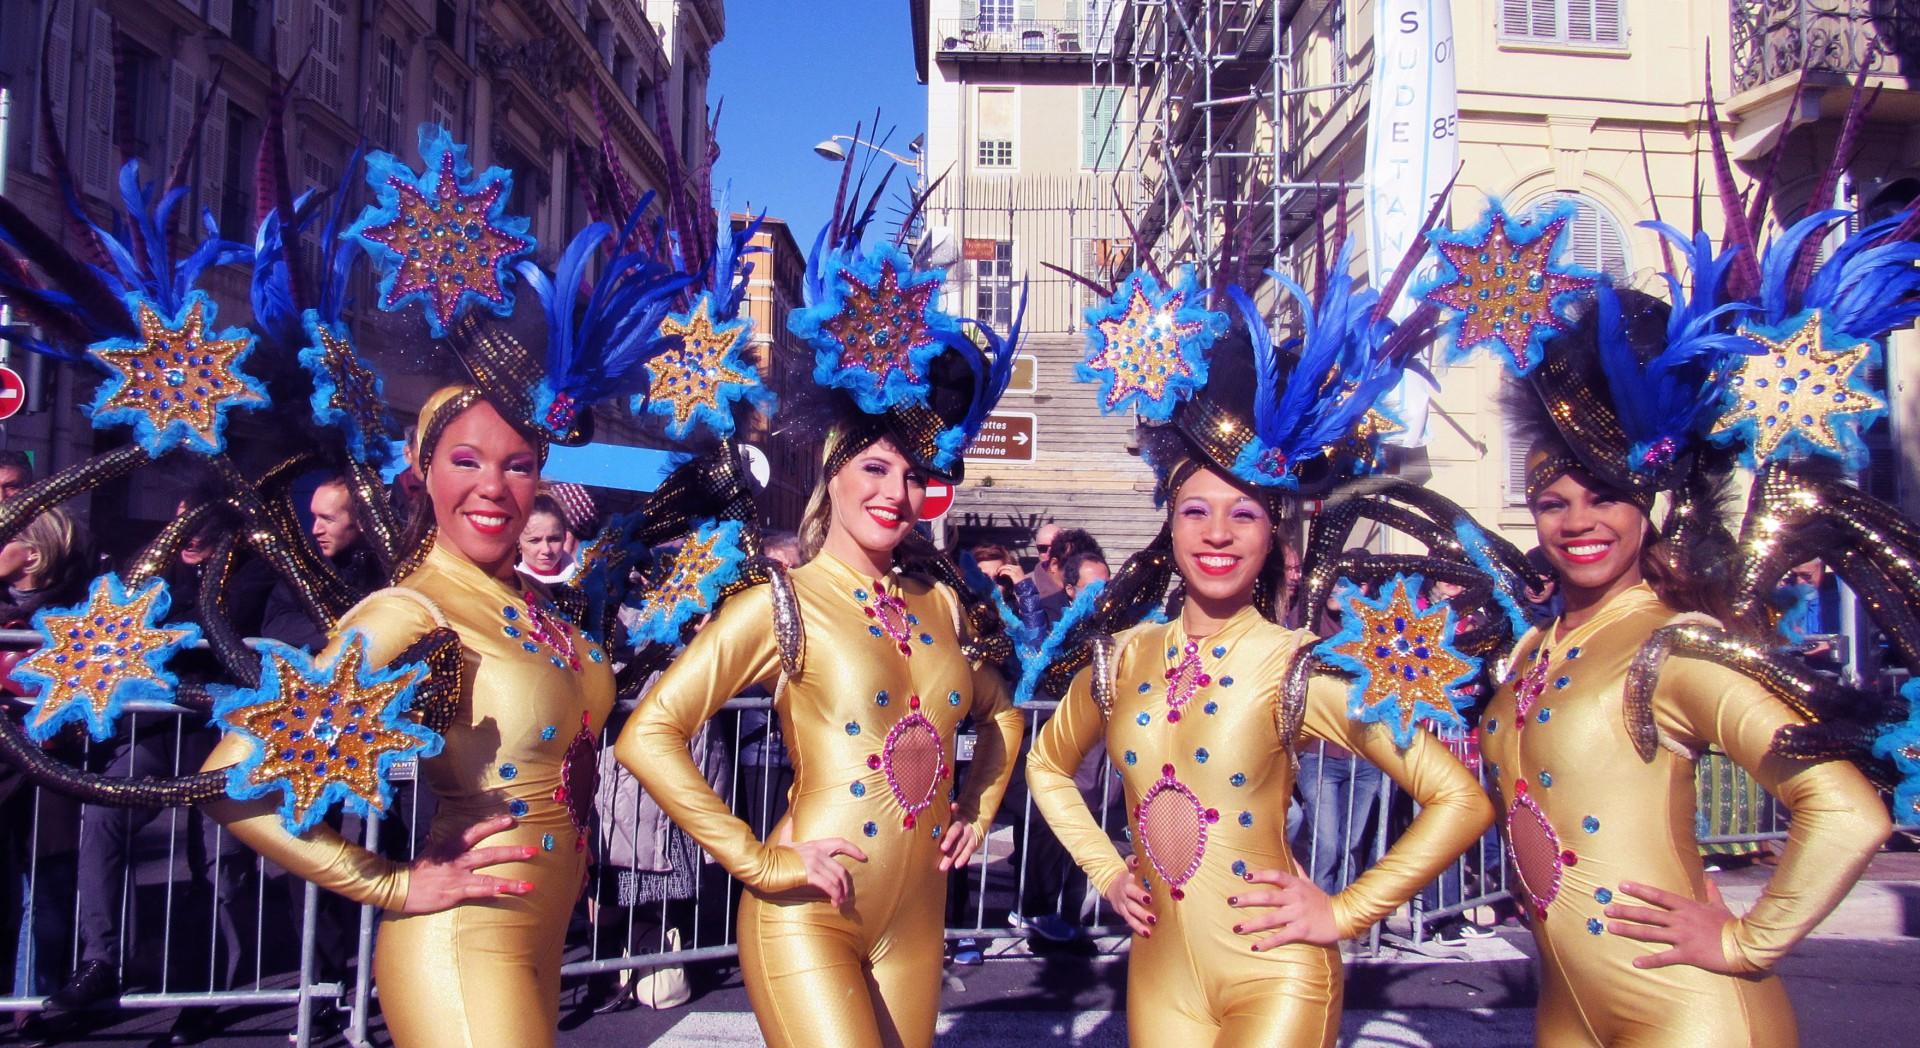 Carnaval de Nice 2016: Le Roi des Médias. COMPAGNIE CORPS ET DANSE. VIDÉOS !!! Février 2016. Carnaval Latino, Danse, Danseurs Latino